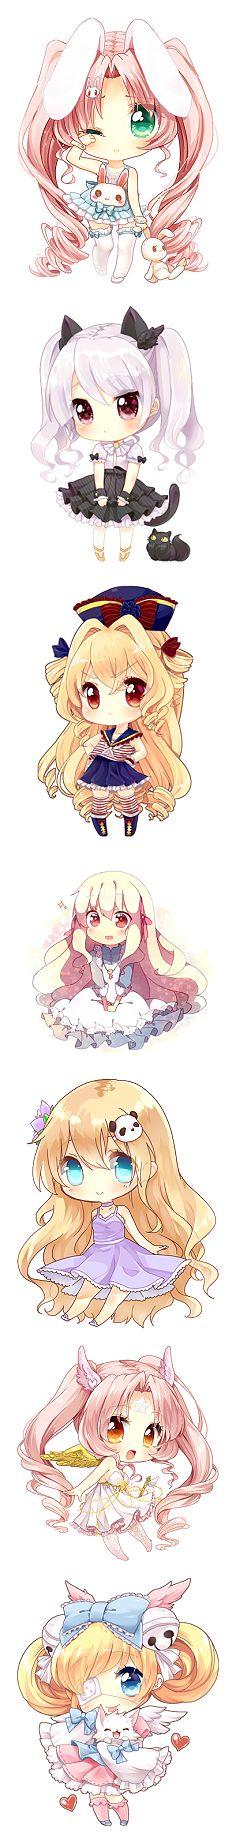 kawaii,chibi,cute